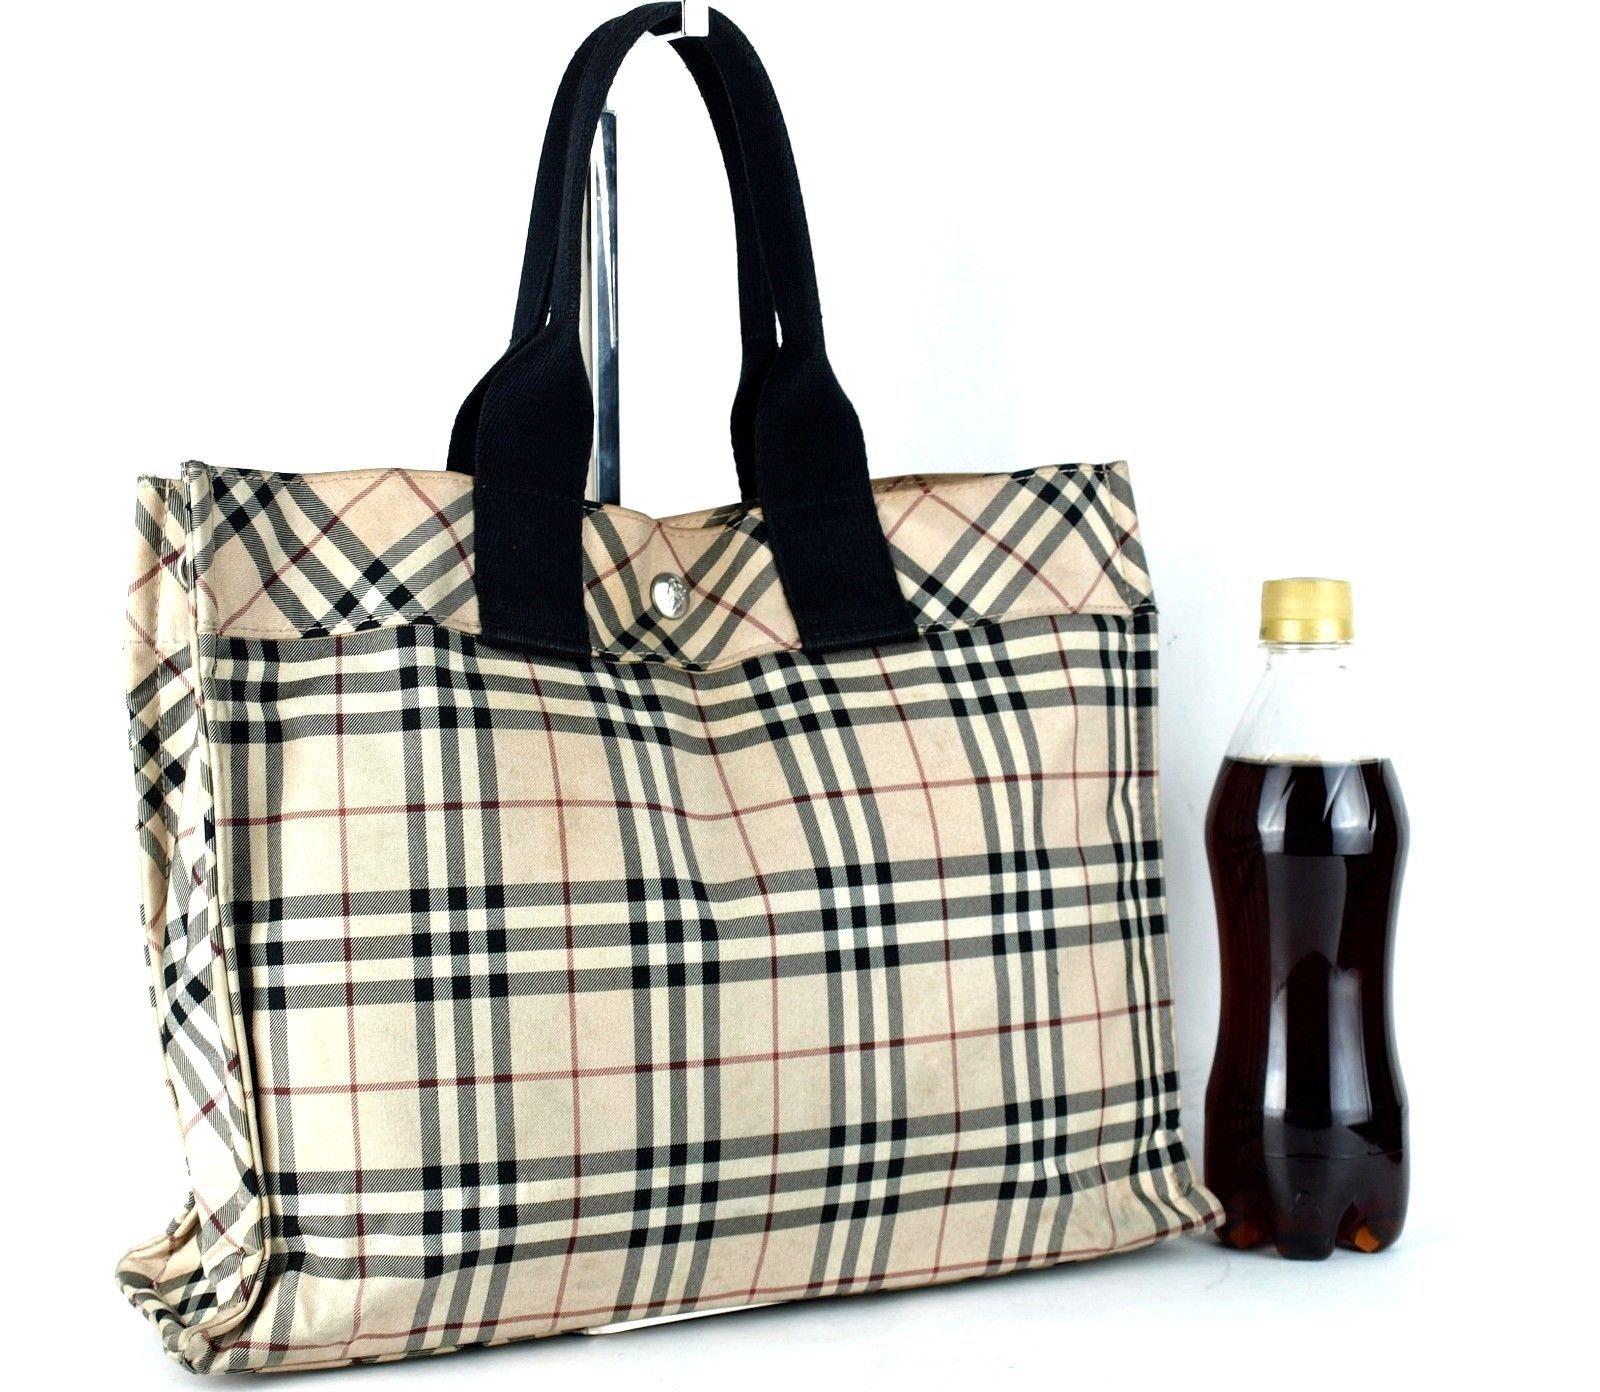 d57fe57d544d S l1600. S l1600. Previous. Authentic Burberry London Blue Label Nova Check  Handbag Beige Nylon Canvas Purse